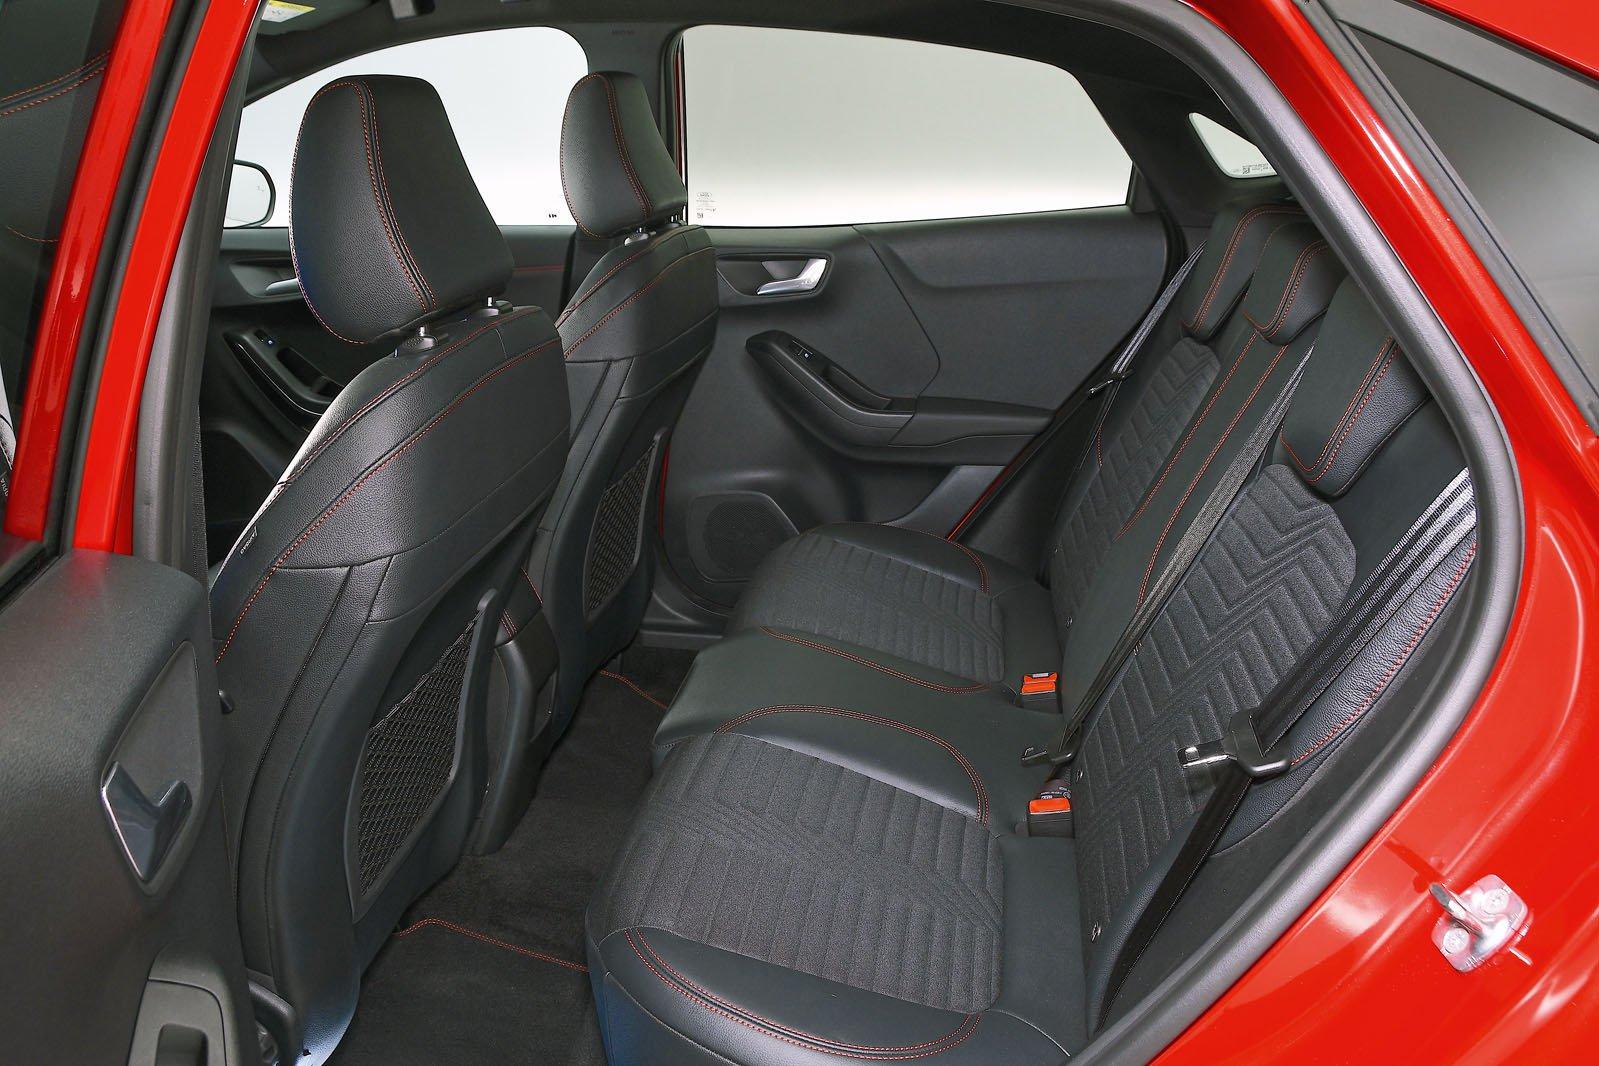 Ford Puma rear seats